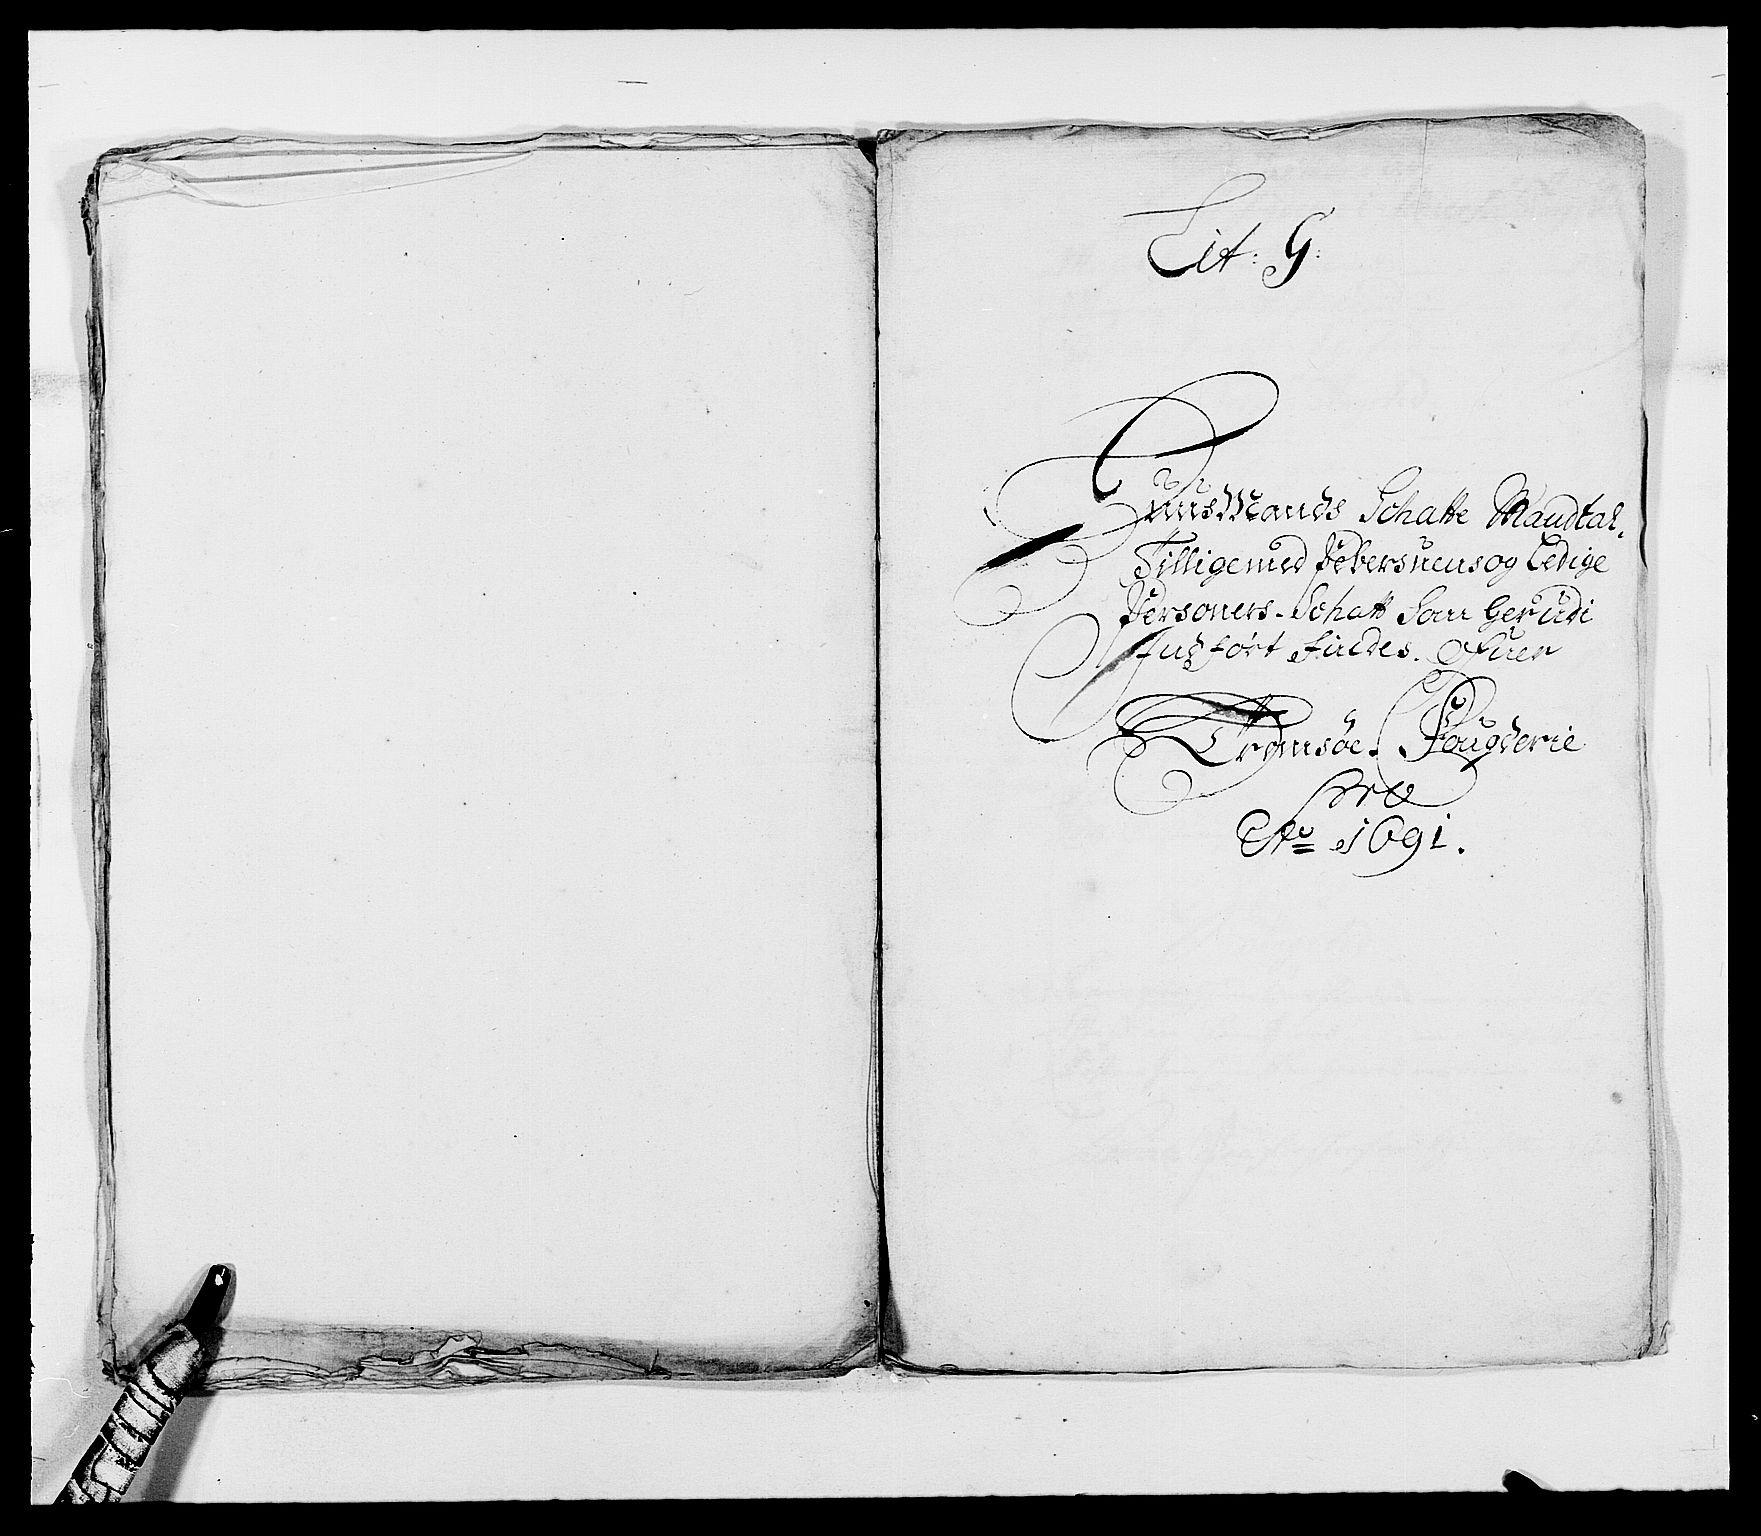 RA, Rentekammeret inntil 1814, Reviderte regnskaper, Fogderegnskap, R68/L4751: Fogderegnskap Senja og Troms, 1690-1693, s. 122